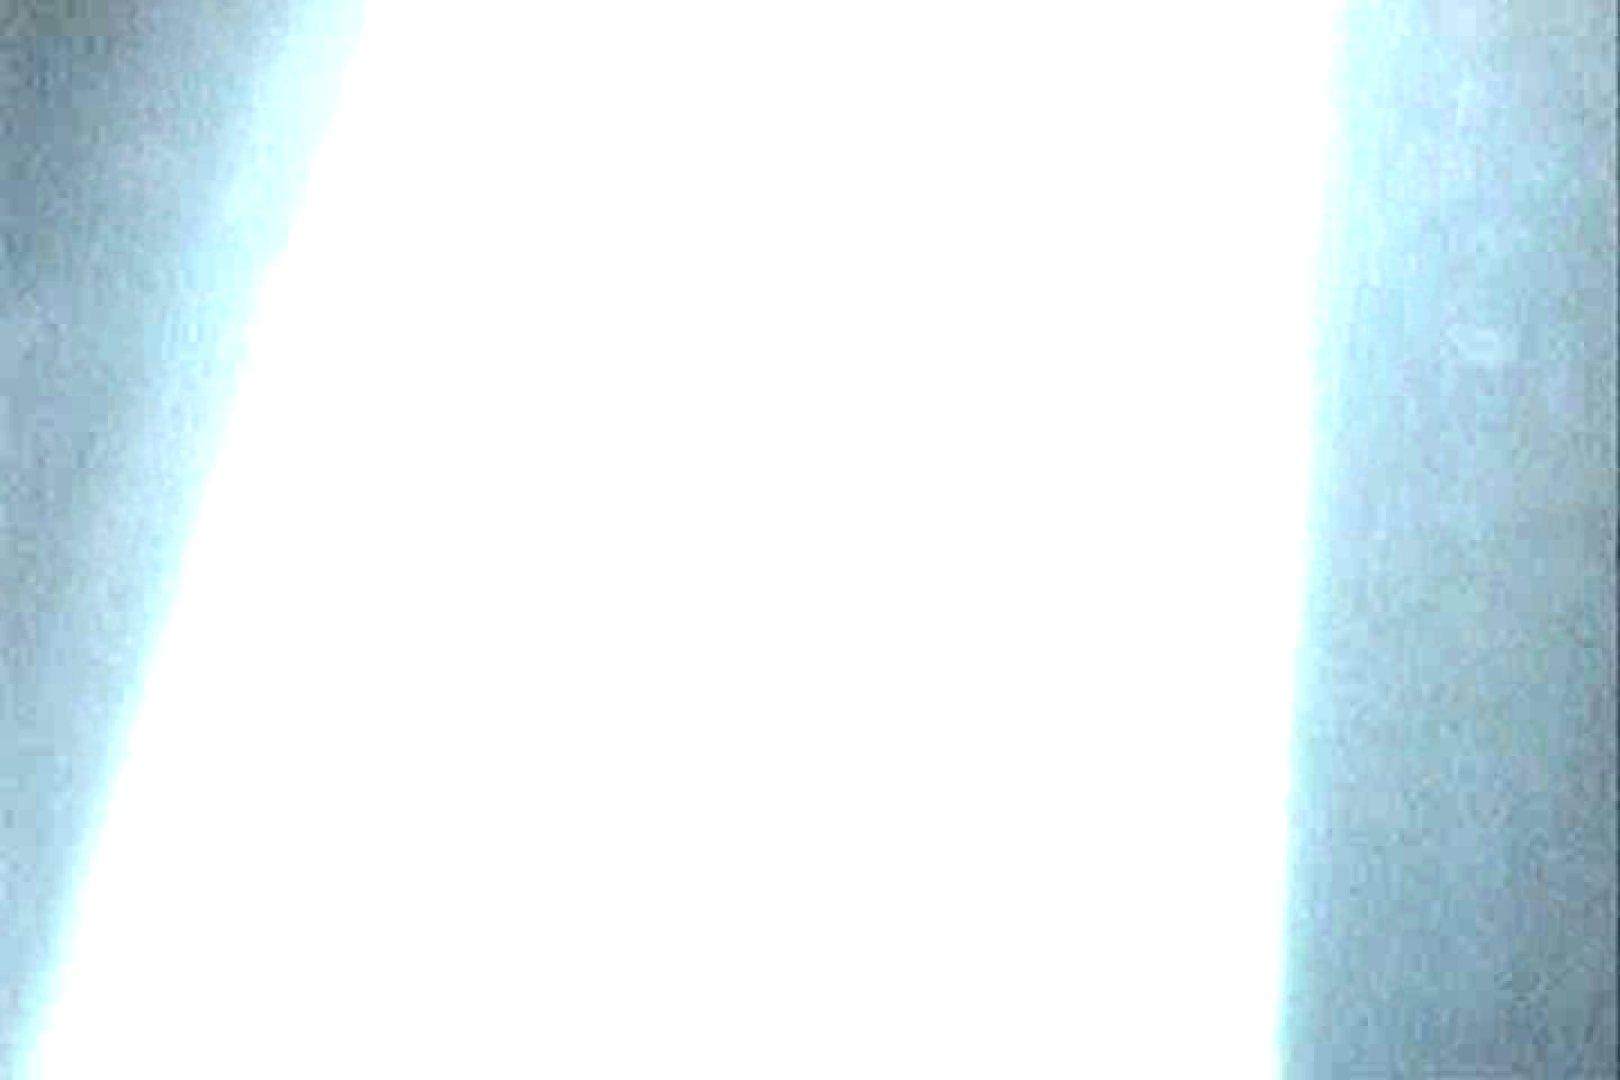 充血監督の深夜の運動会Vol.14 盗撮 おまんこ無修正動画無料 103画像 87